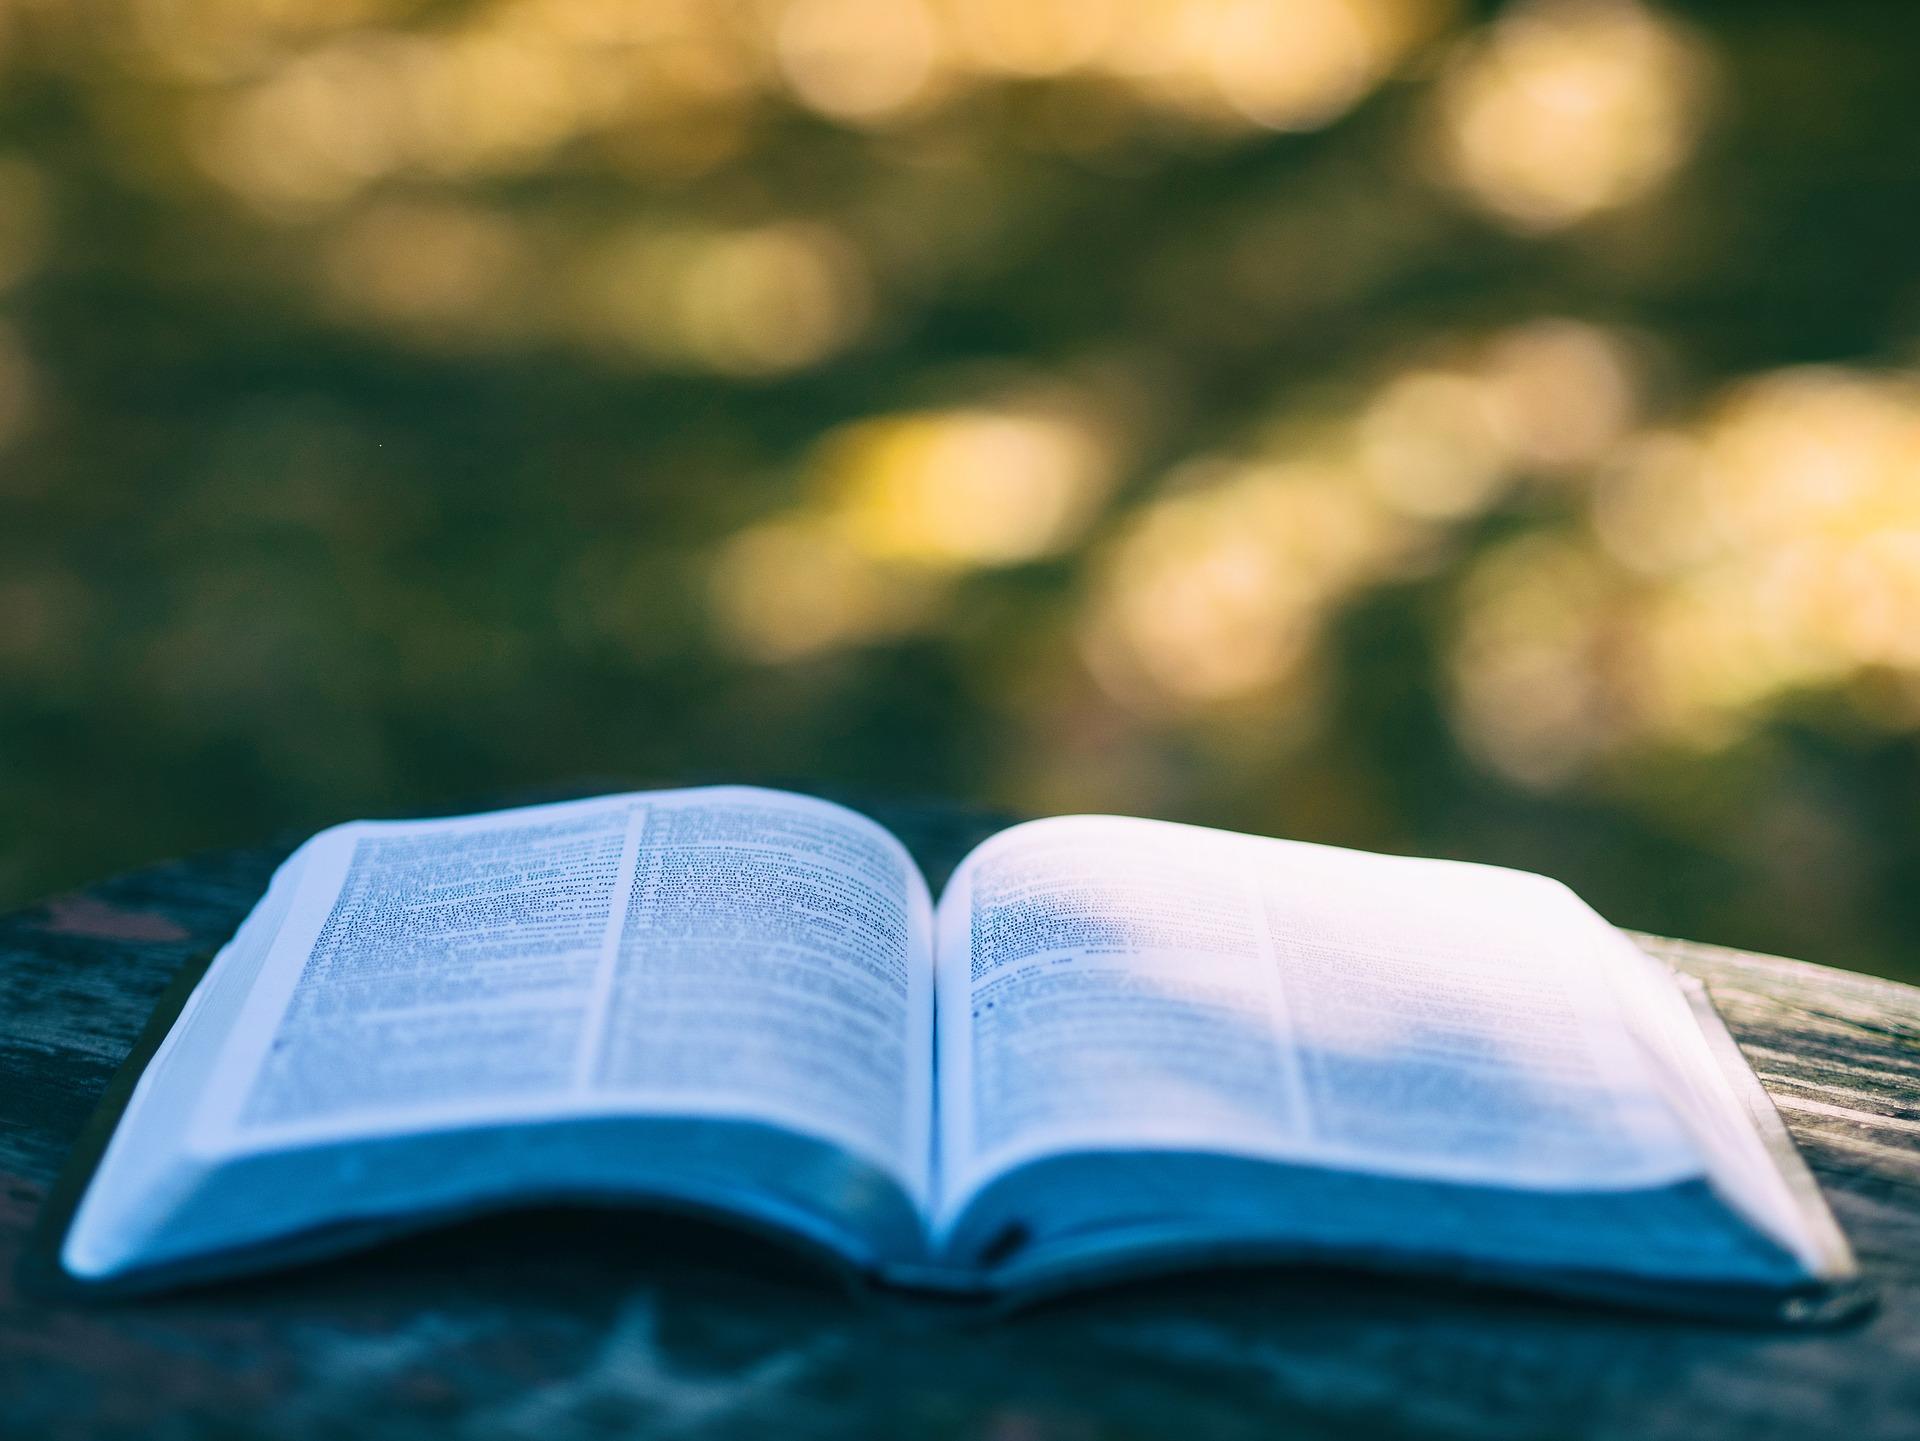 Como dejar fumar el libro del lapiaz leer